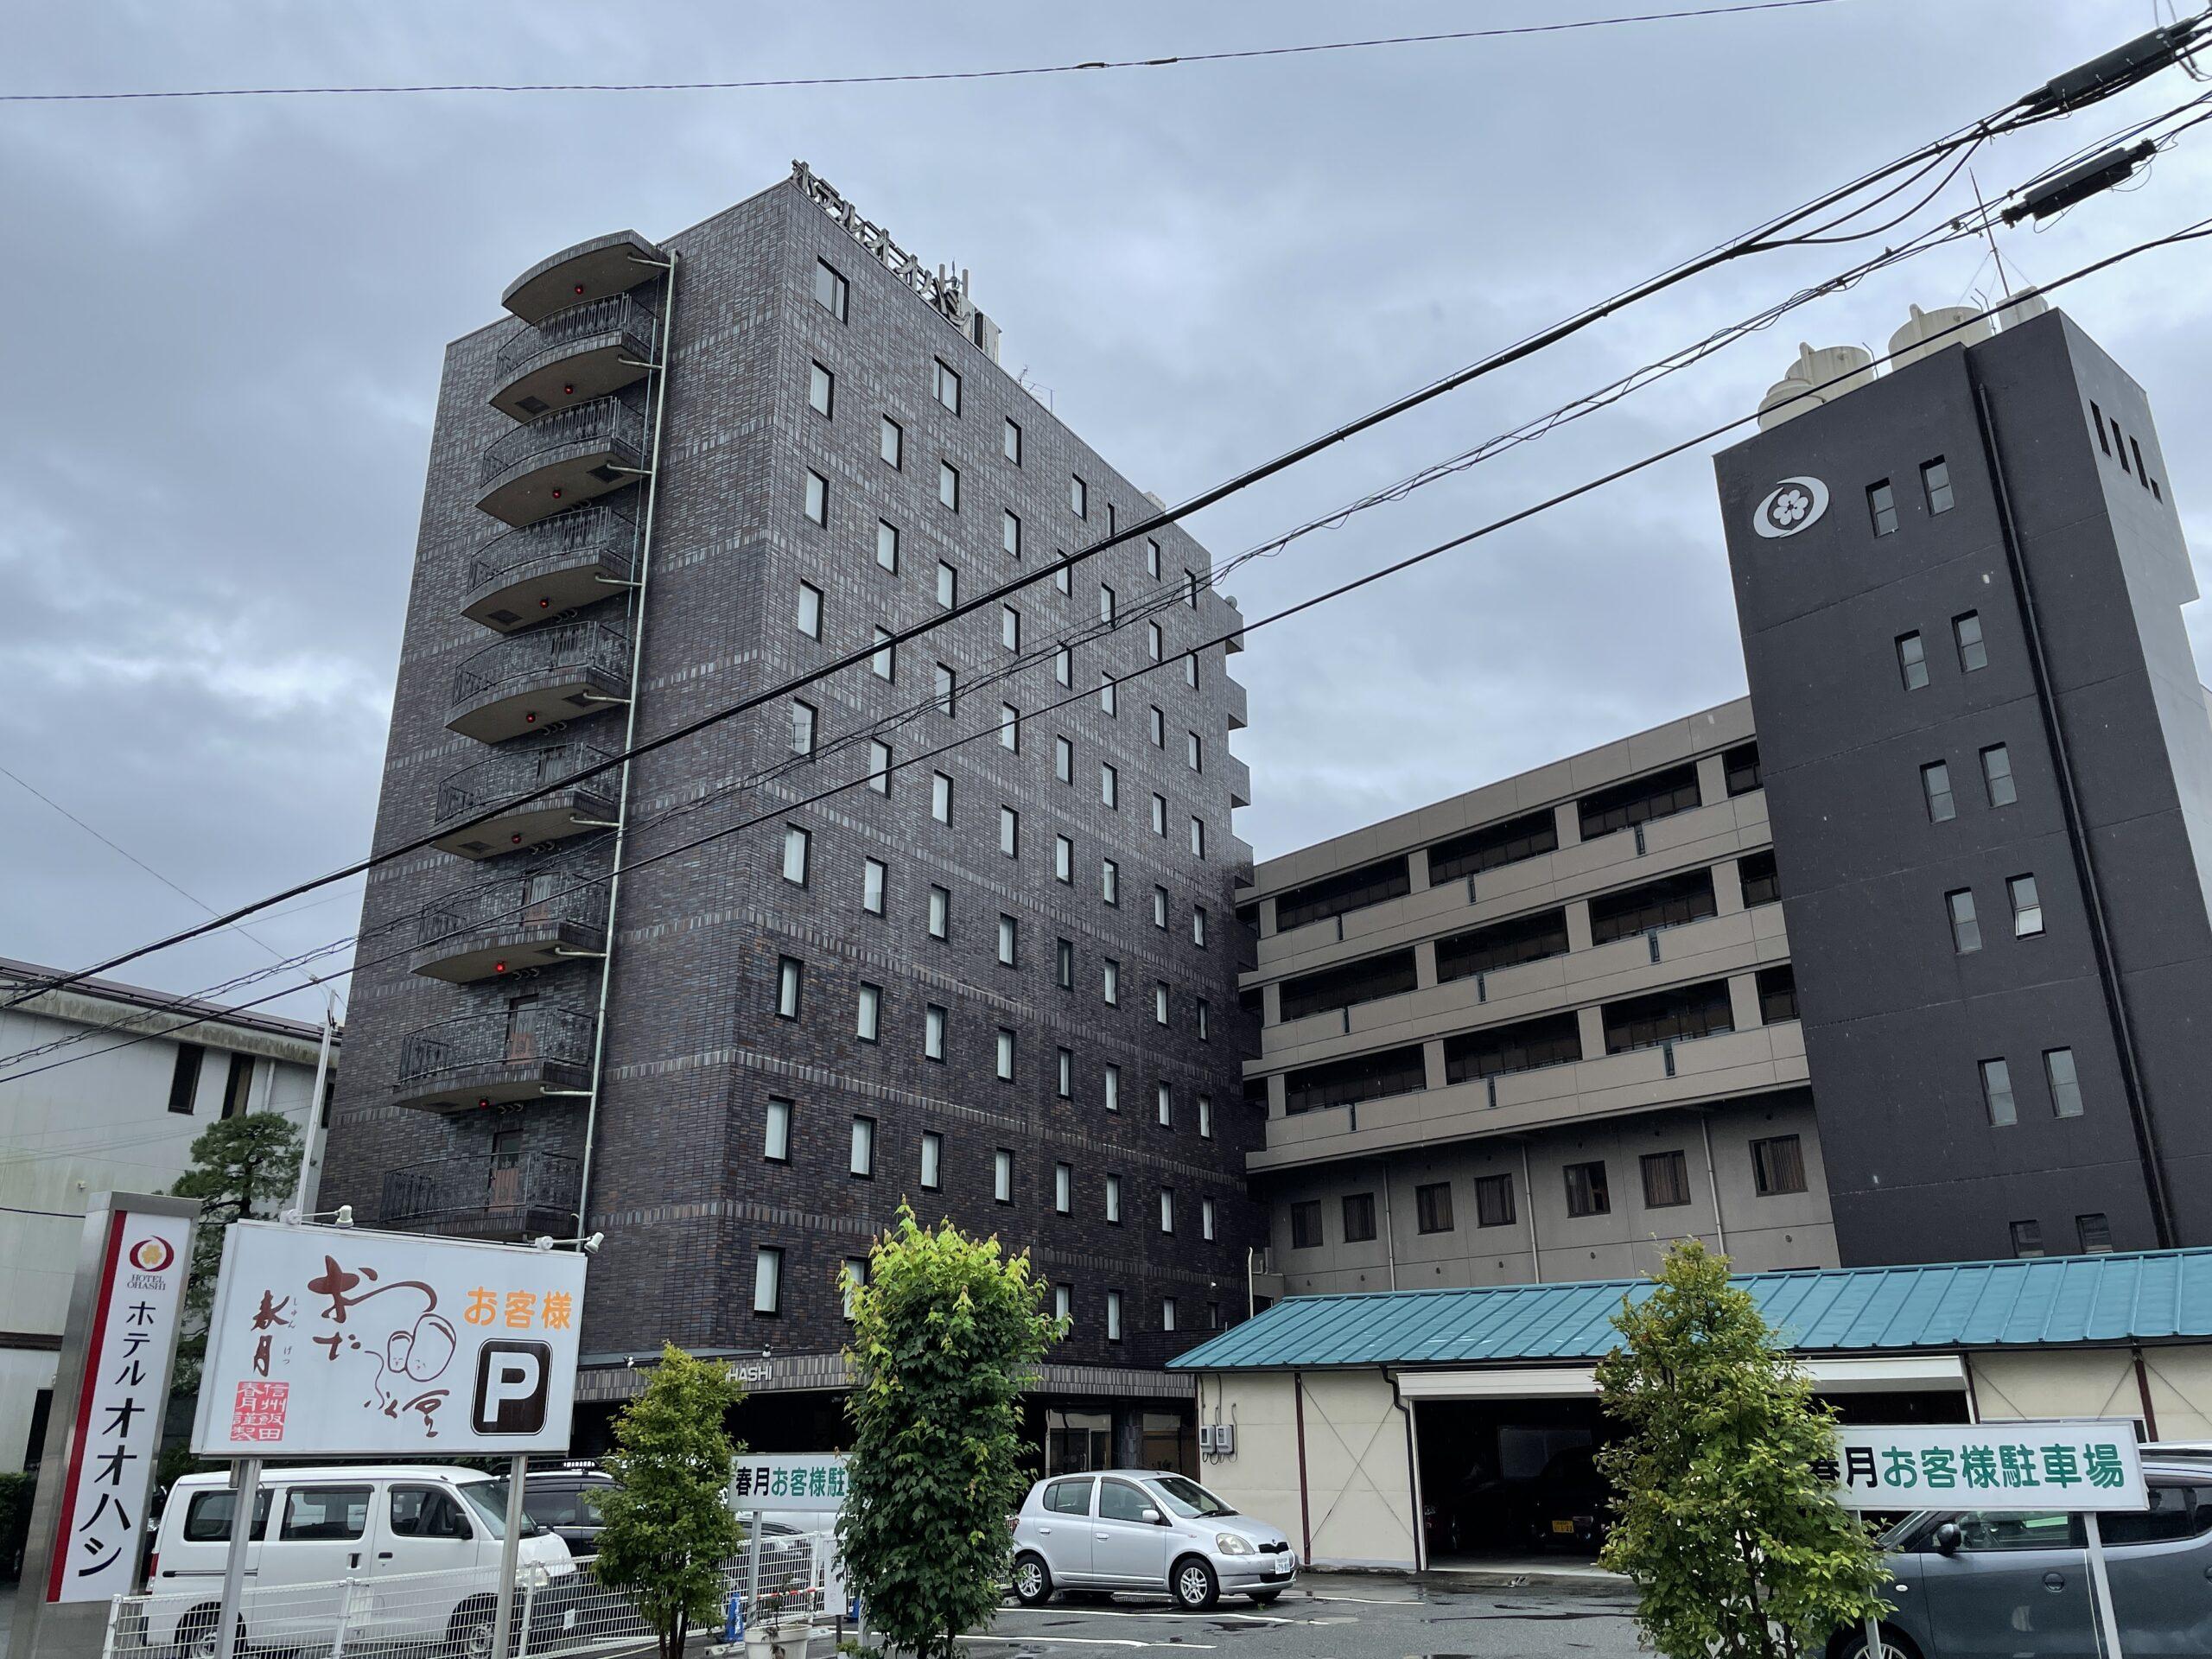 Das Ōhashi-Hotel im Stadtzentrum von Iida